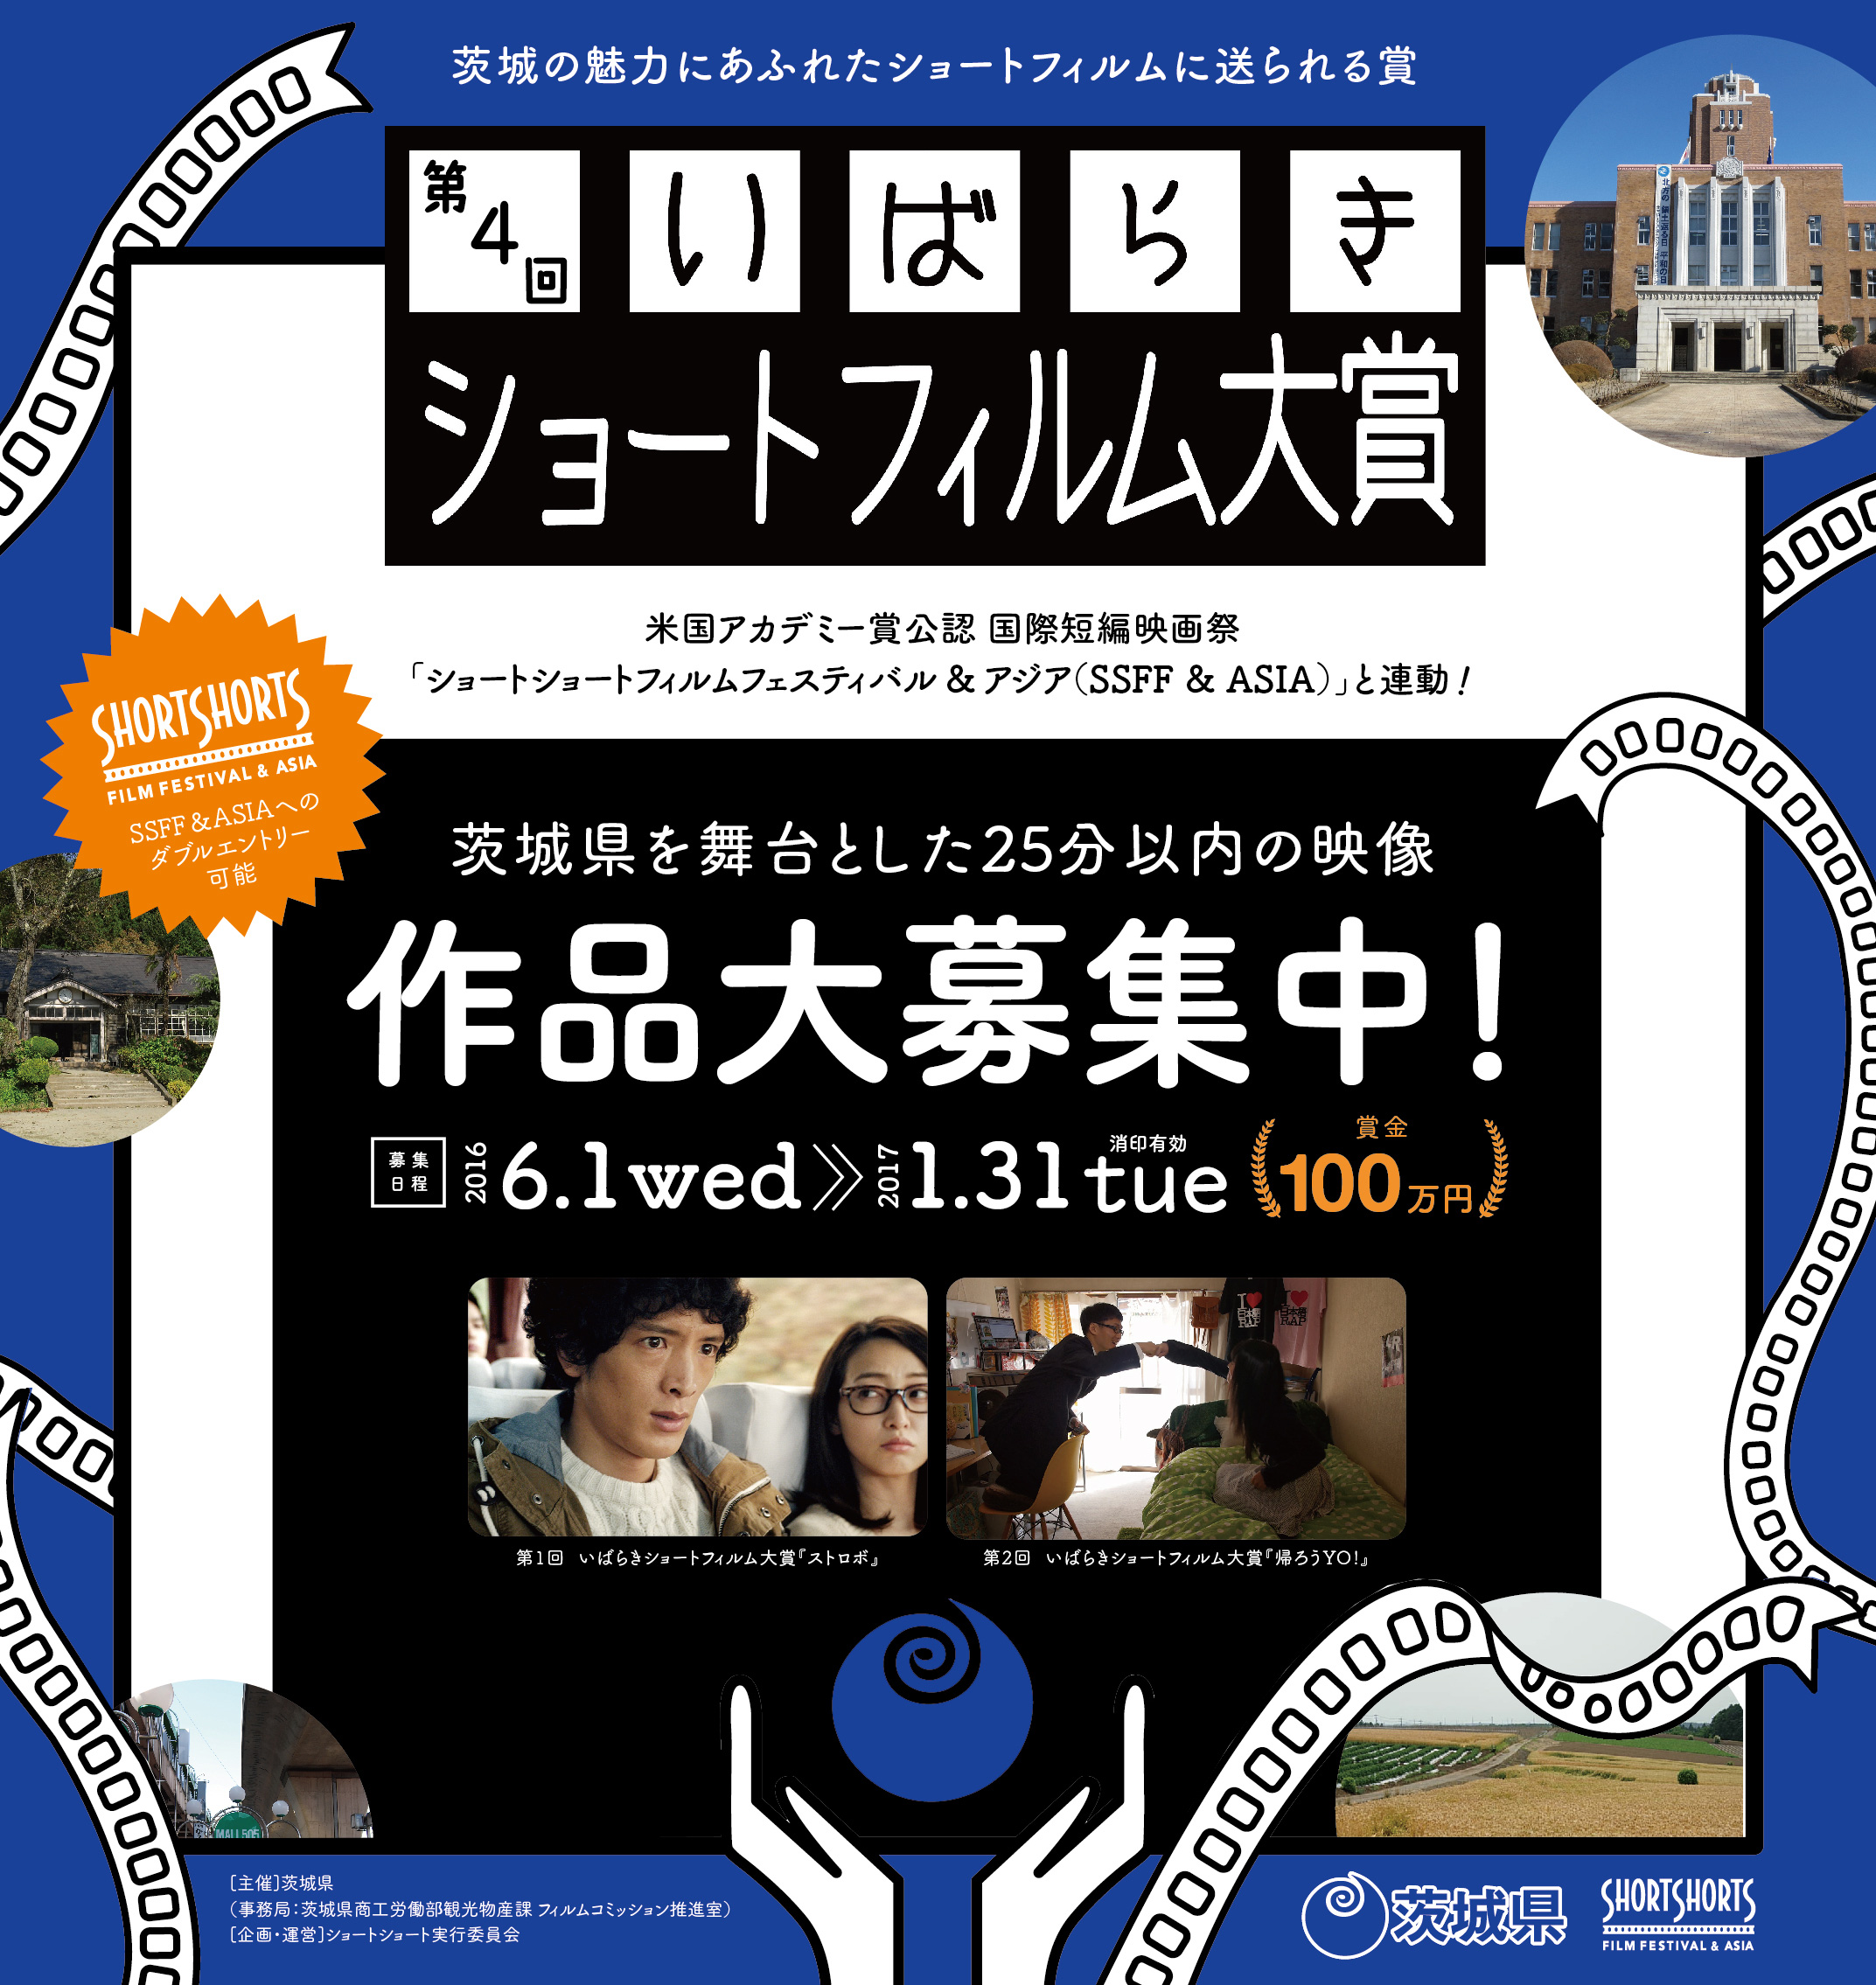 第4回ショートフィルム大賞タイトル